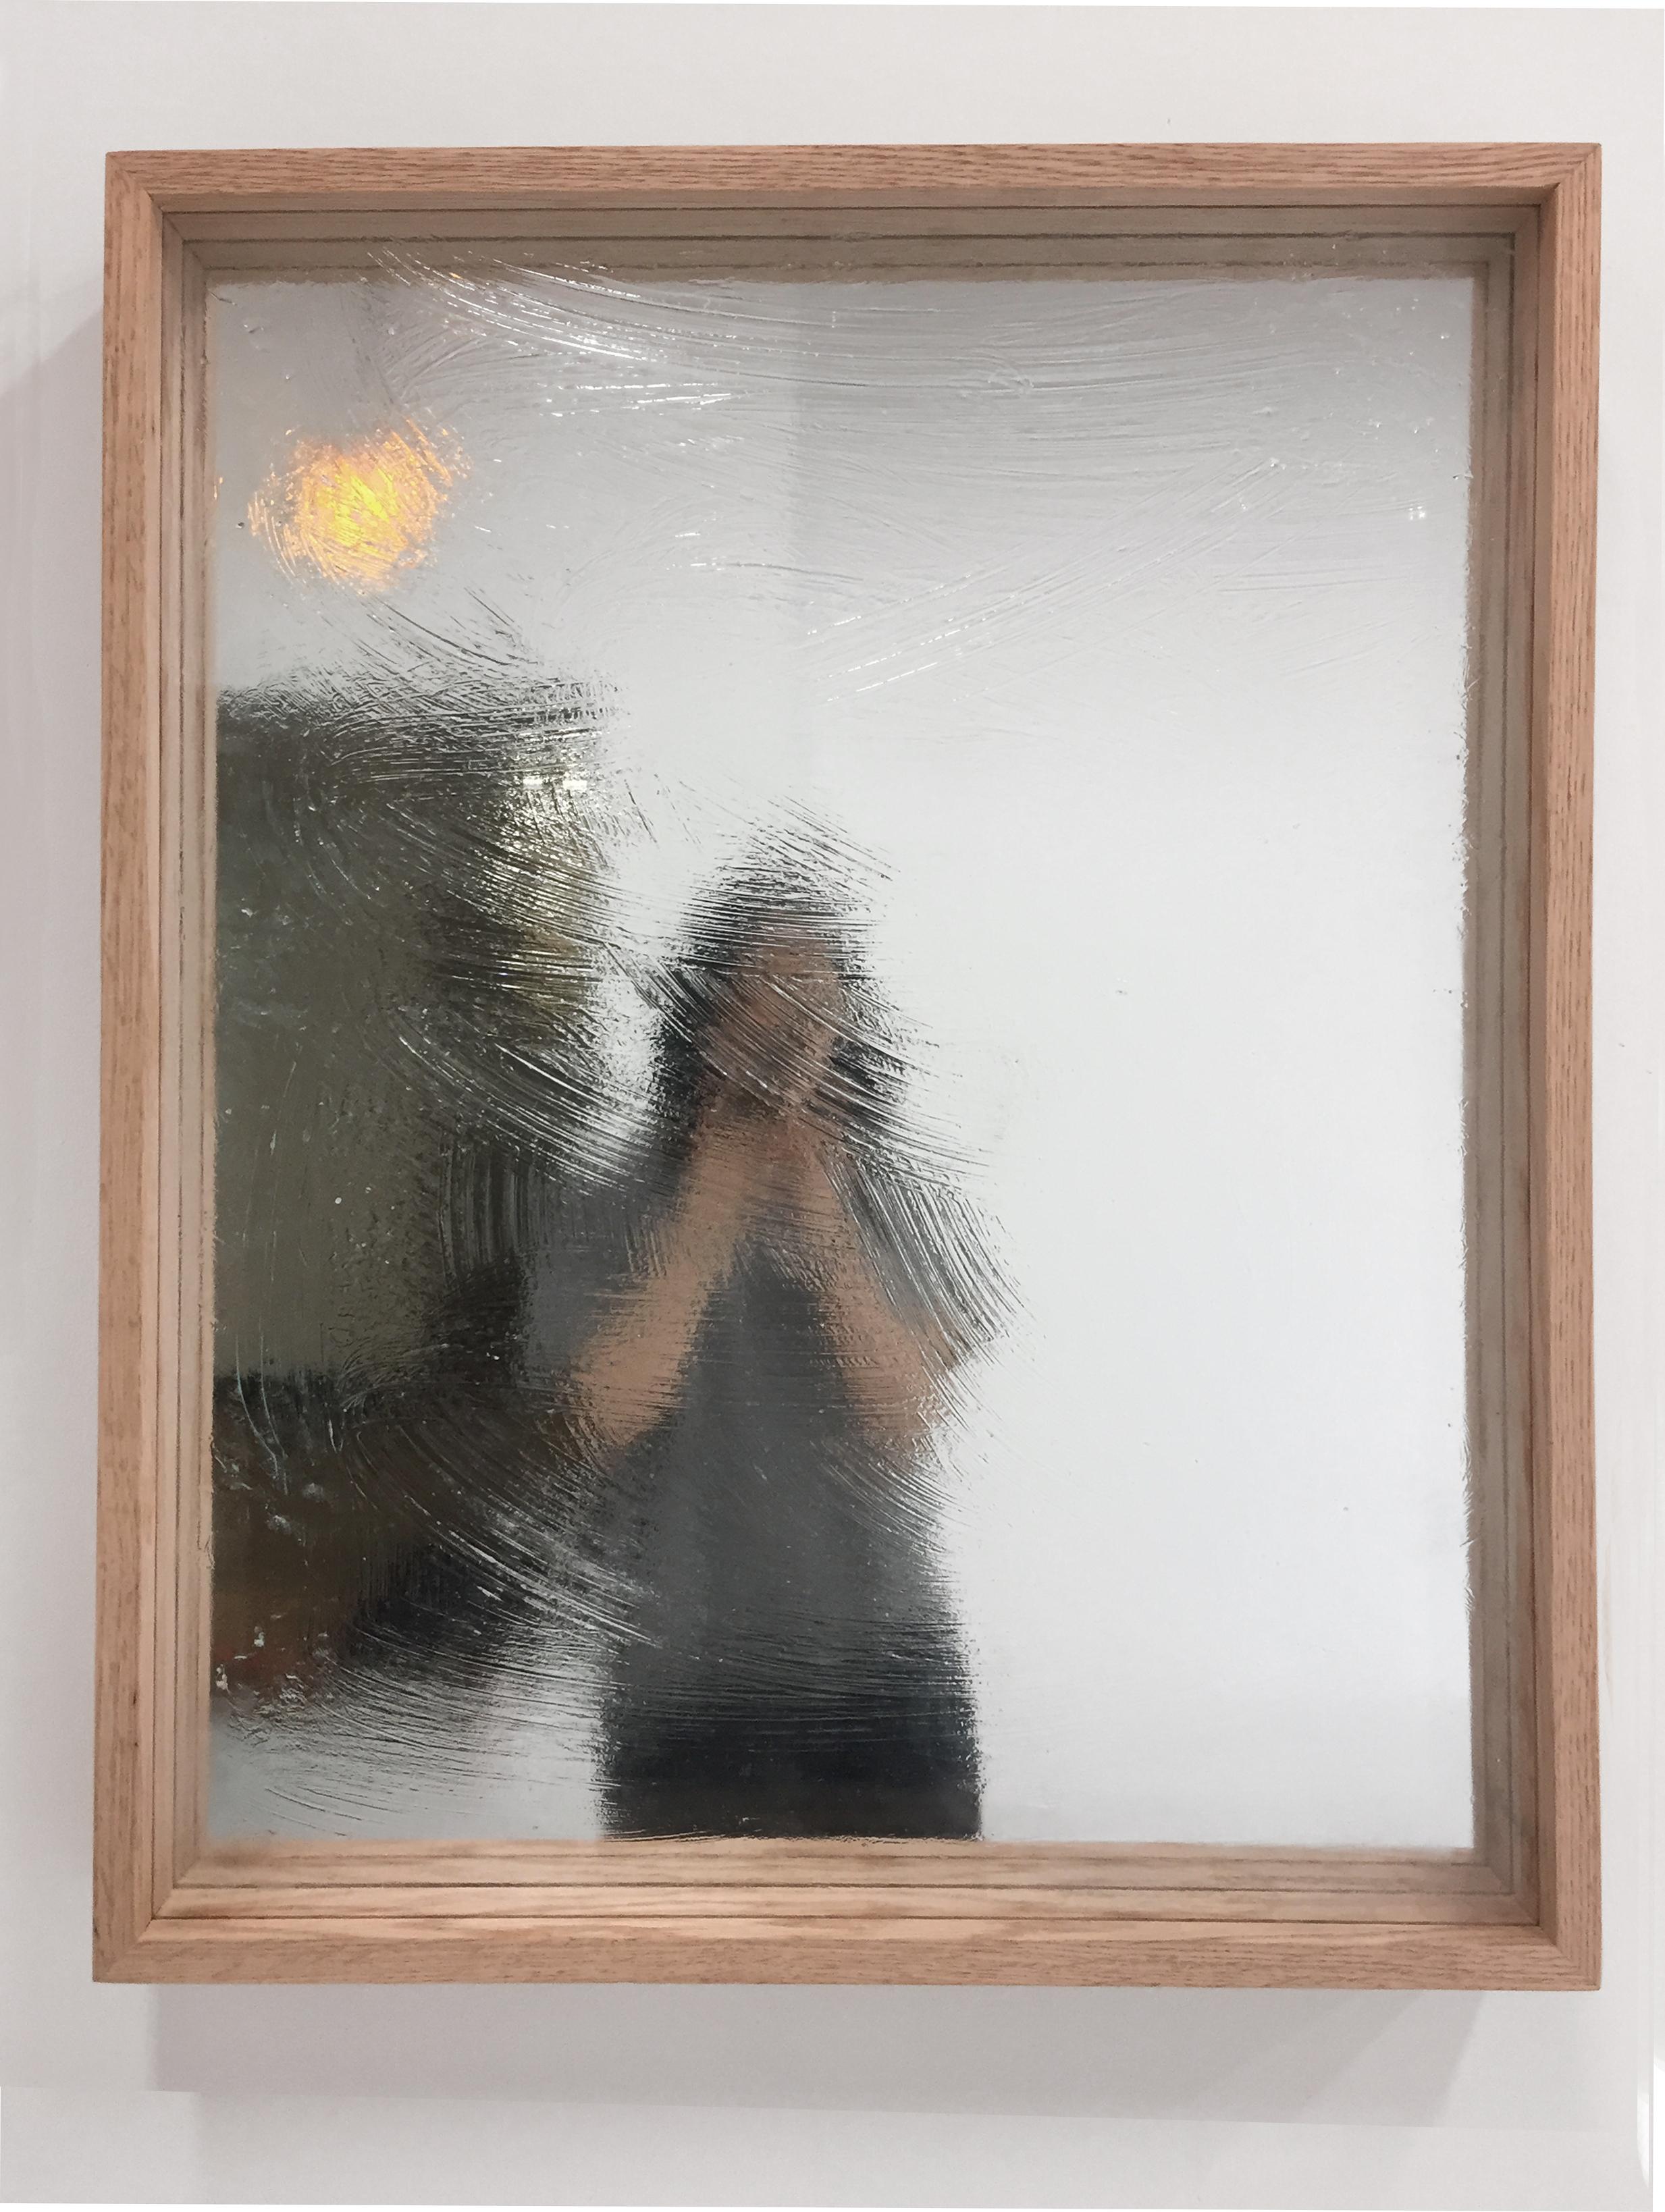 """Soo Shin\Blurred and Blurry\ oak wood, glass, mirror, petroleum gel\ 25""""x 31""""\ 2019"""